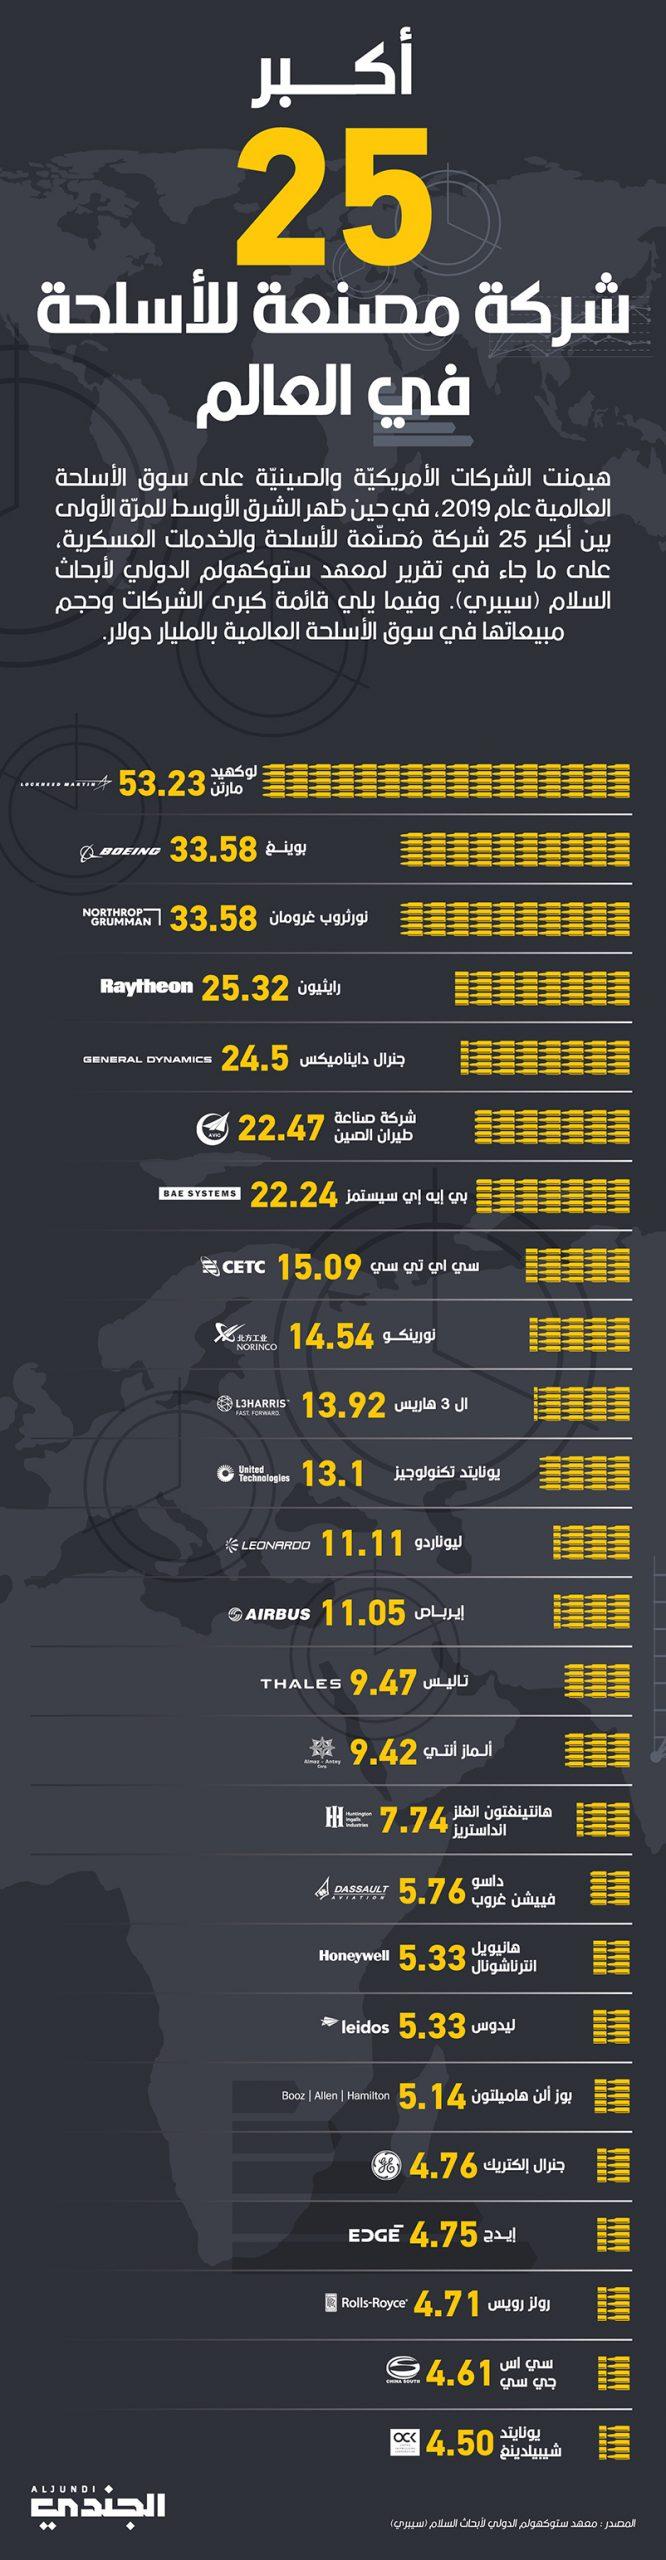 أكبر 25 شركة مصنعة للأسلحة في العالم